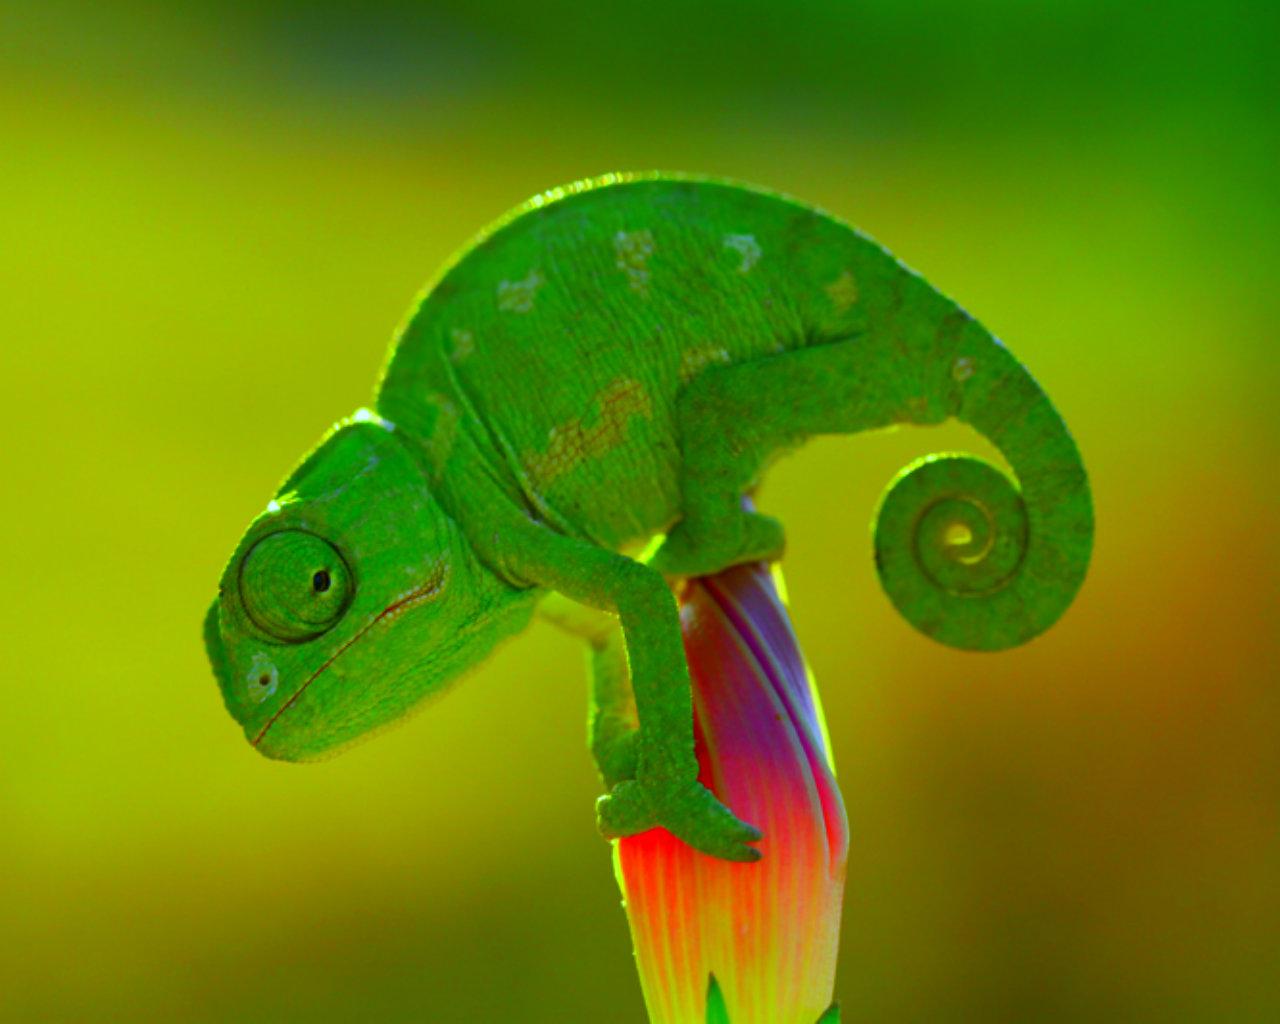 Cute Baby Lizards Wallpaper Animales Ex 243 Ticos Kids El Mundo De Los Animales Ex 243 Ticos